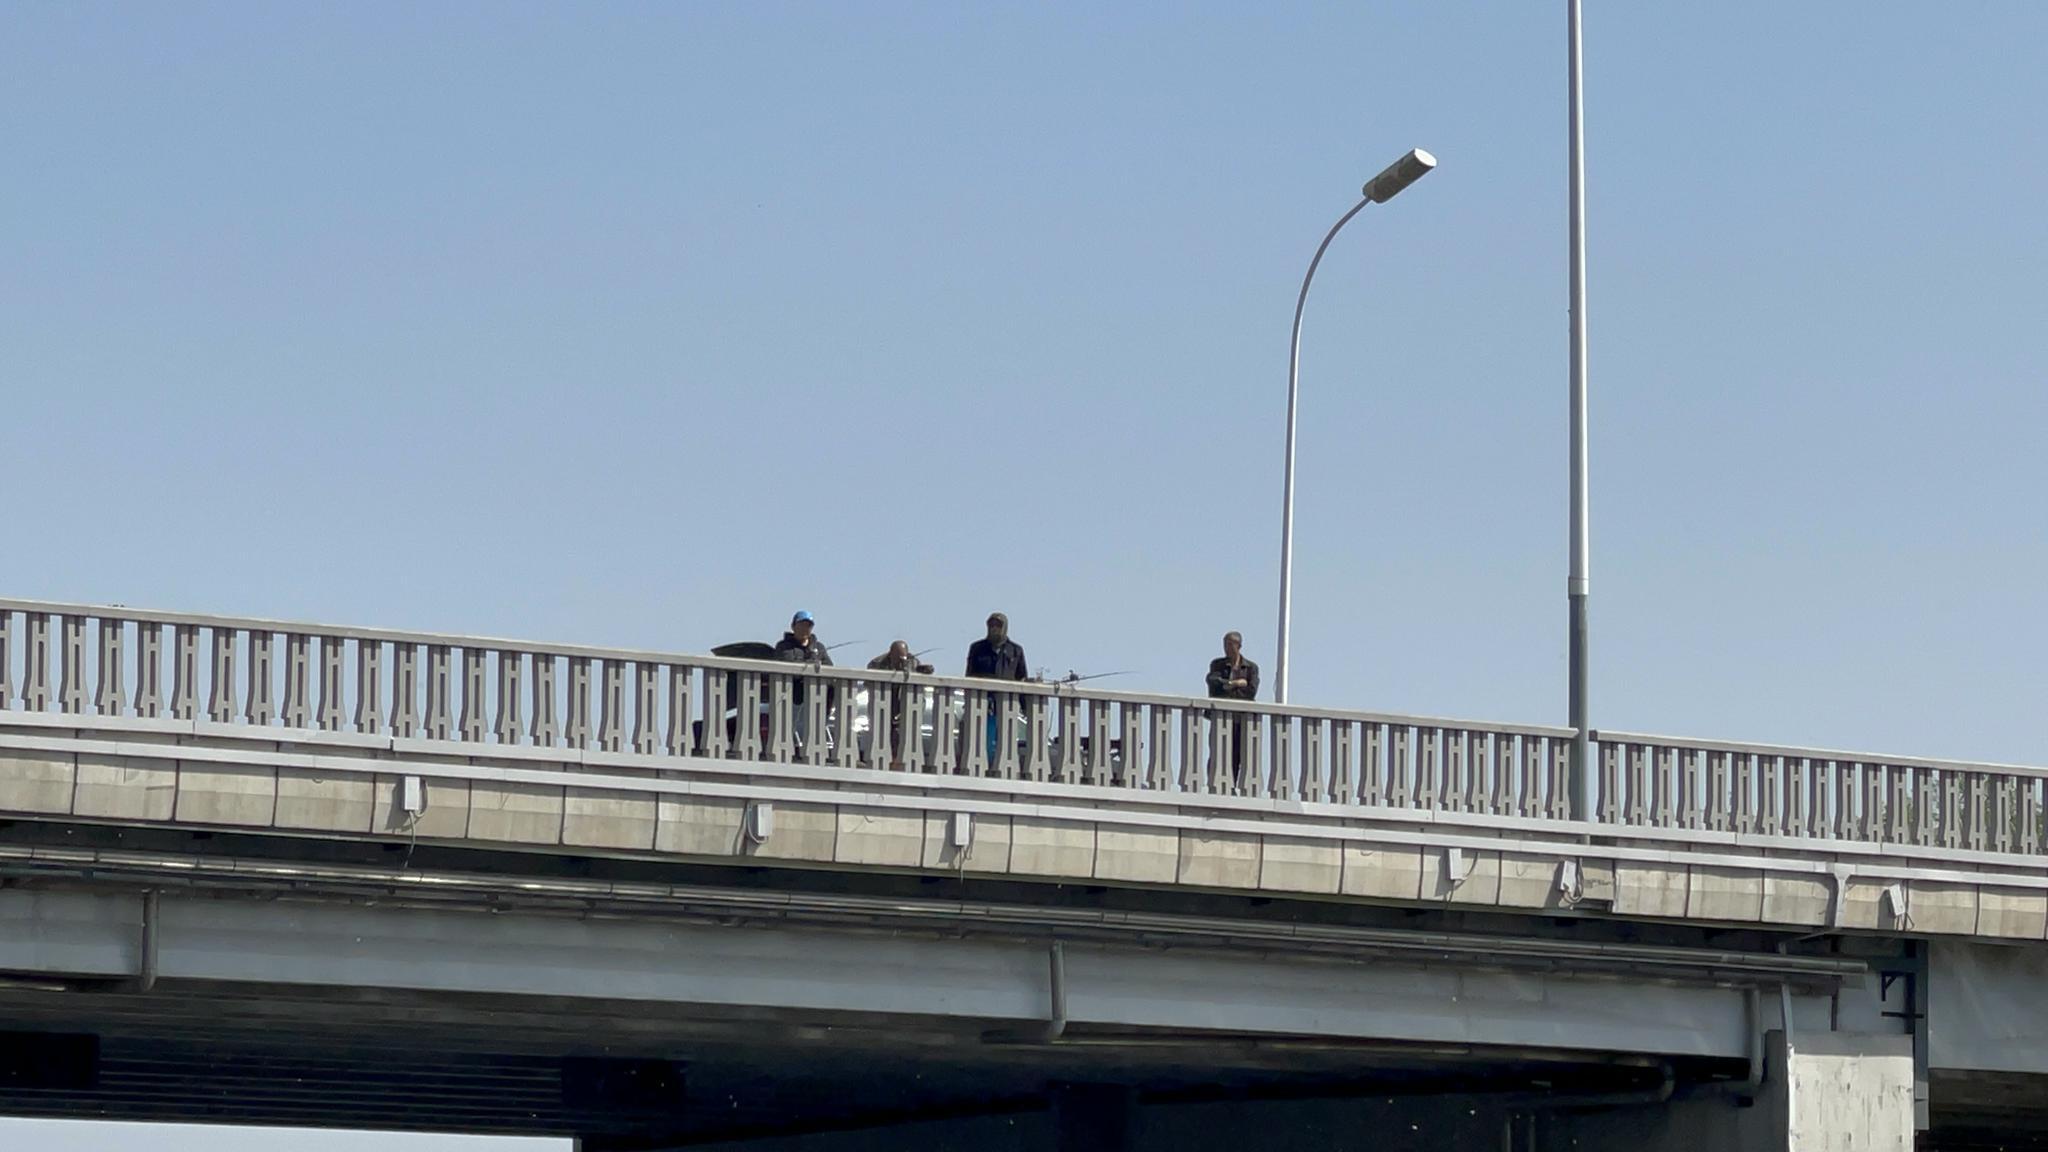 人在船上坐,钓线天上来,大运河桥上悬空钓鱼太危险!